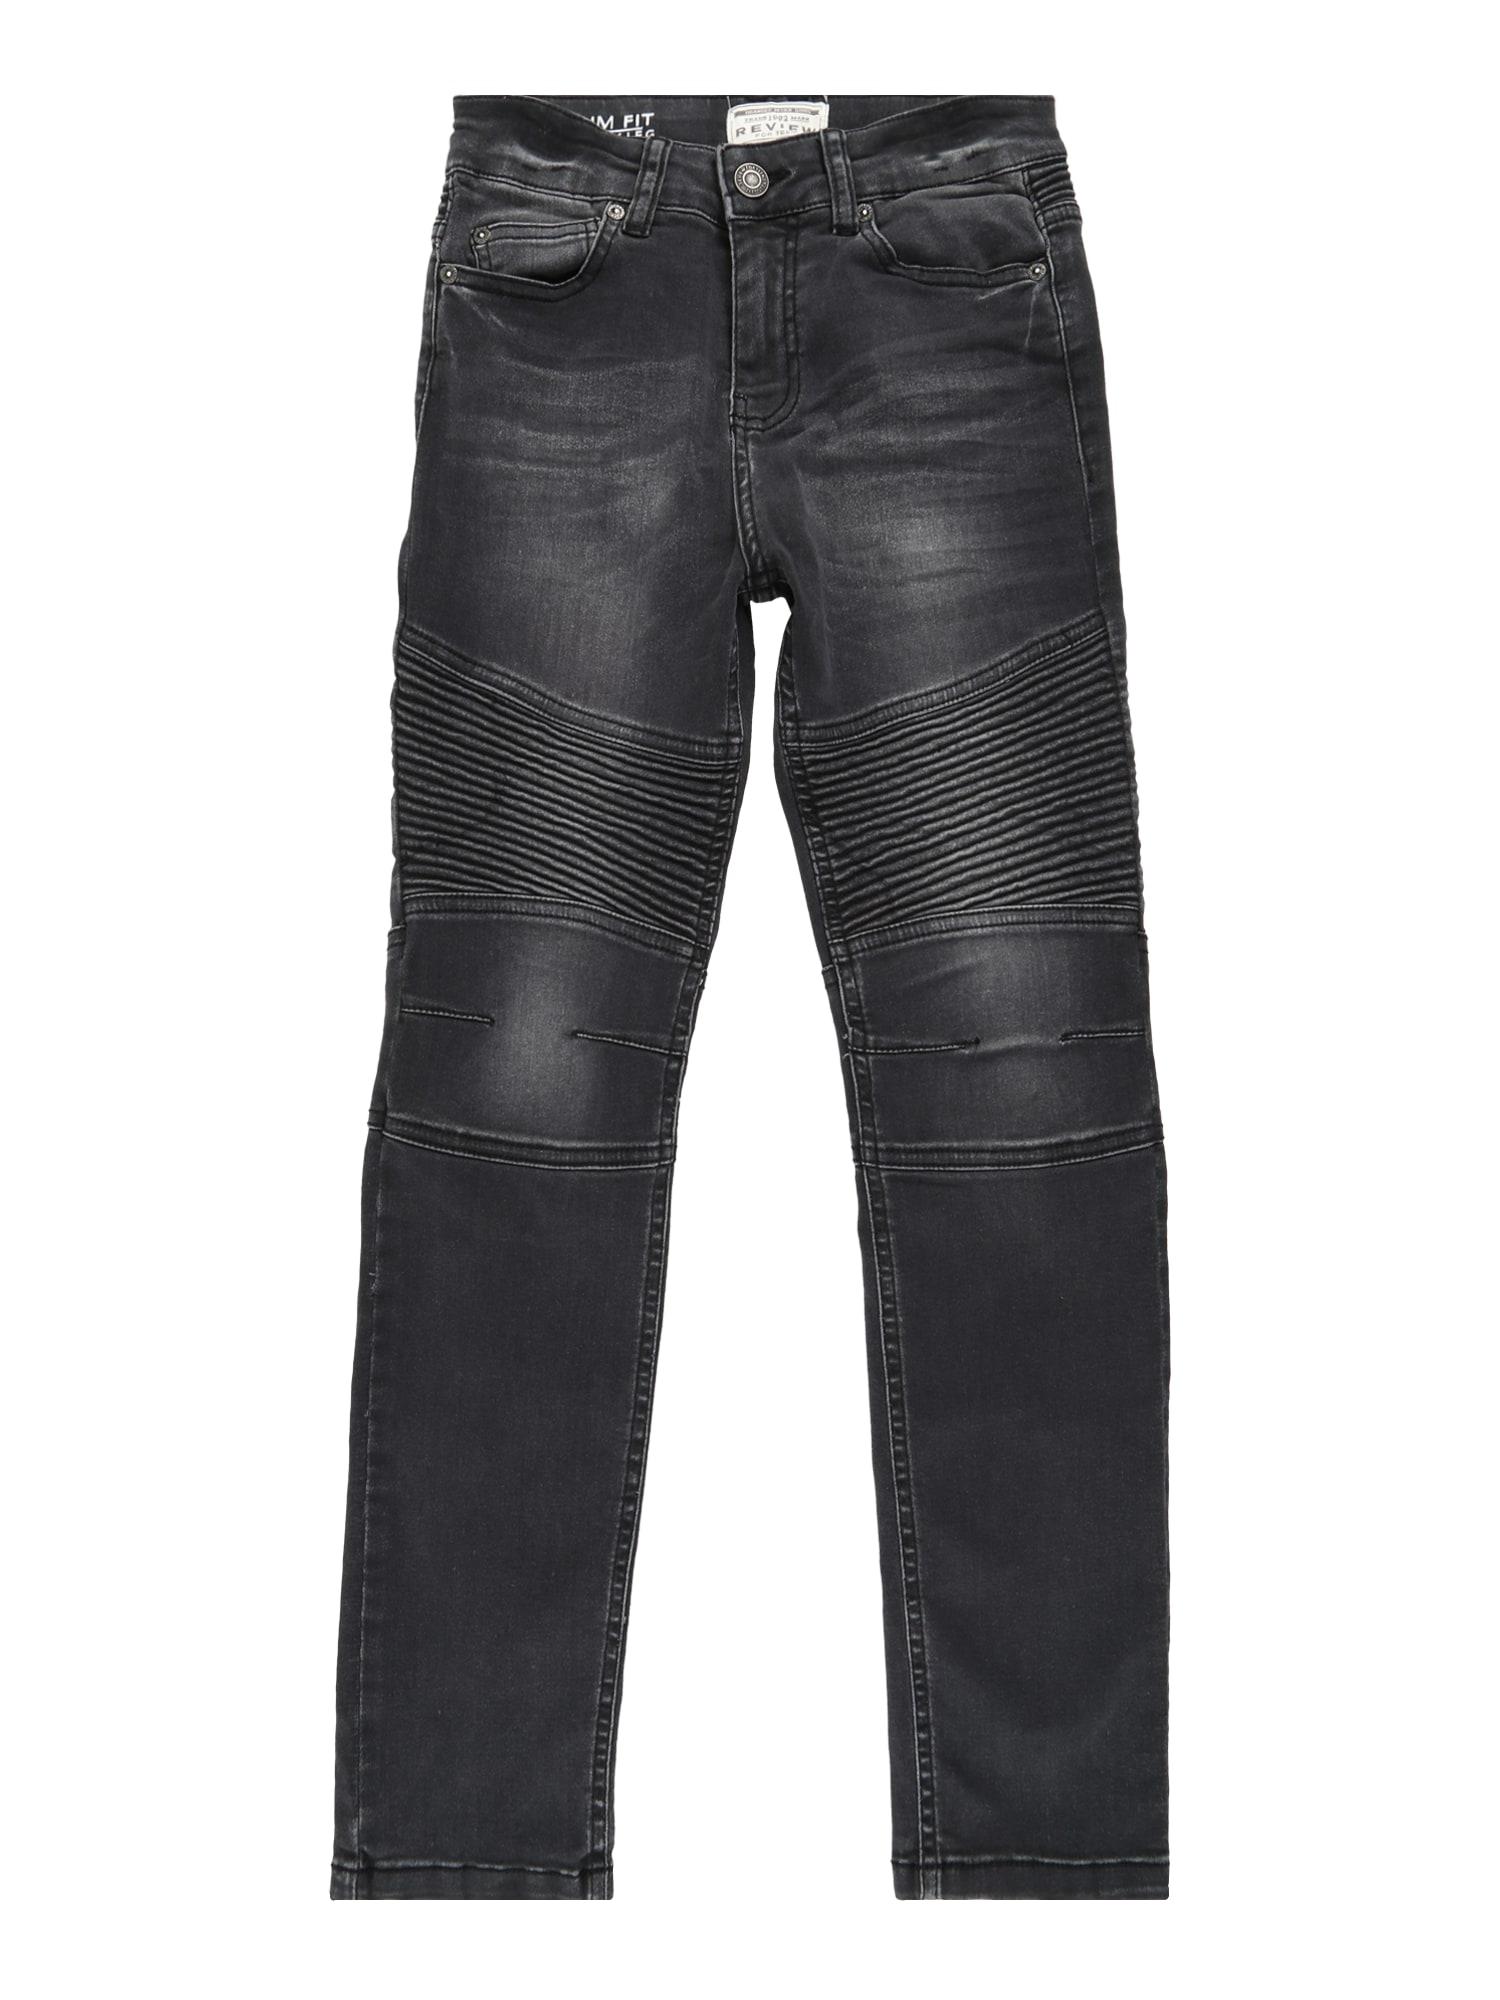 Jungen,  Kinder,  Kinder REVIEW FOR TEENS Jeans blau,  grau,  schwarz,  weiß, bunt,  mehrfarbig, rot, schwarz, weiß | 04062448534710